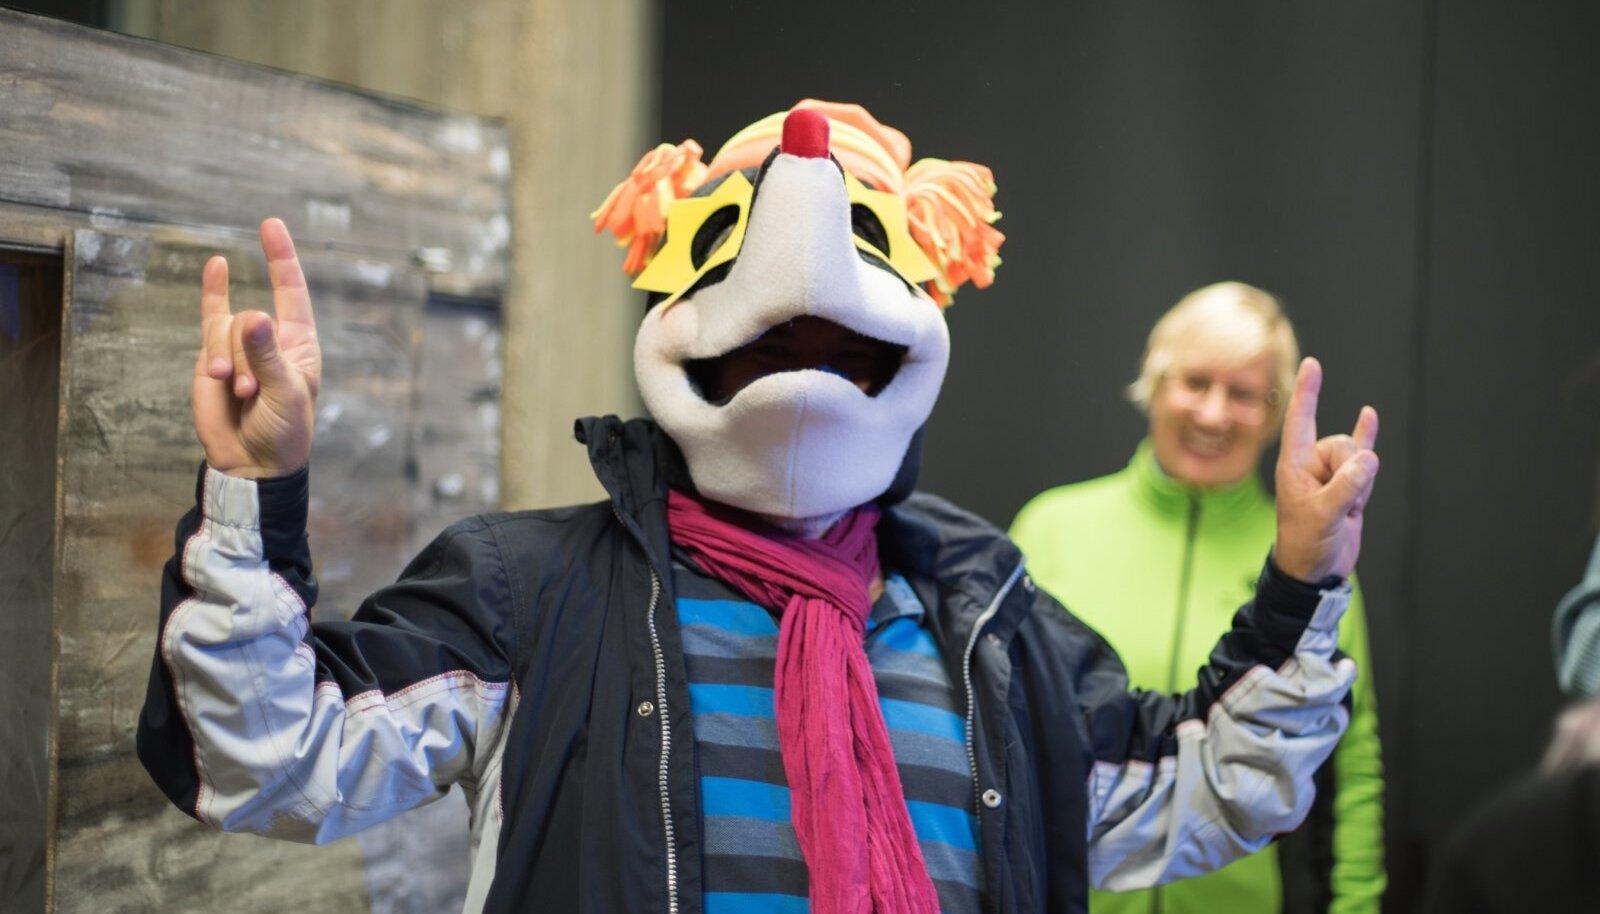 Ida-Virumaal seiklemist jätkub, Kaevandusmuuseumis viib huvilised pärale maskott - mutt